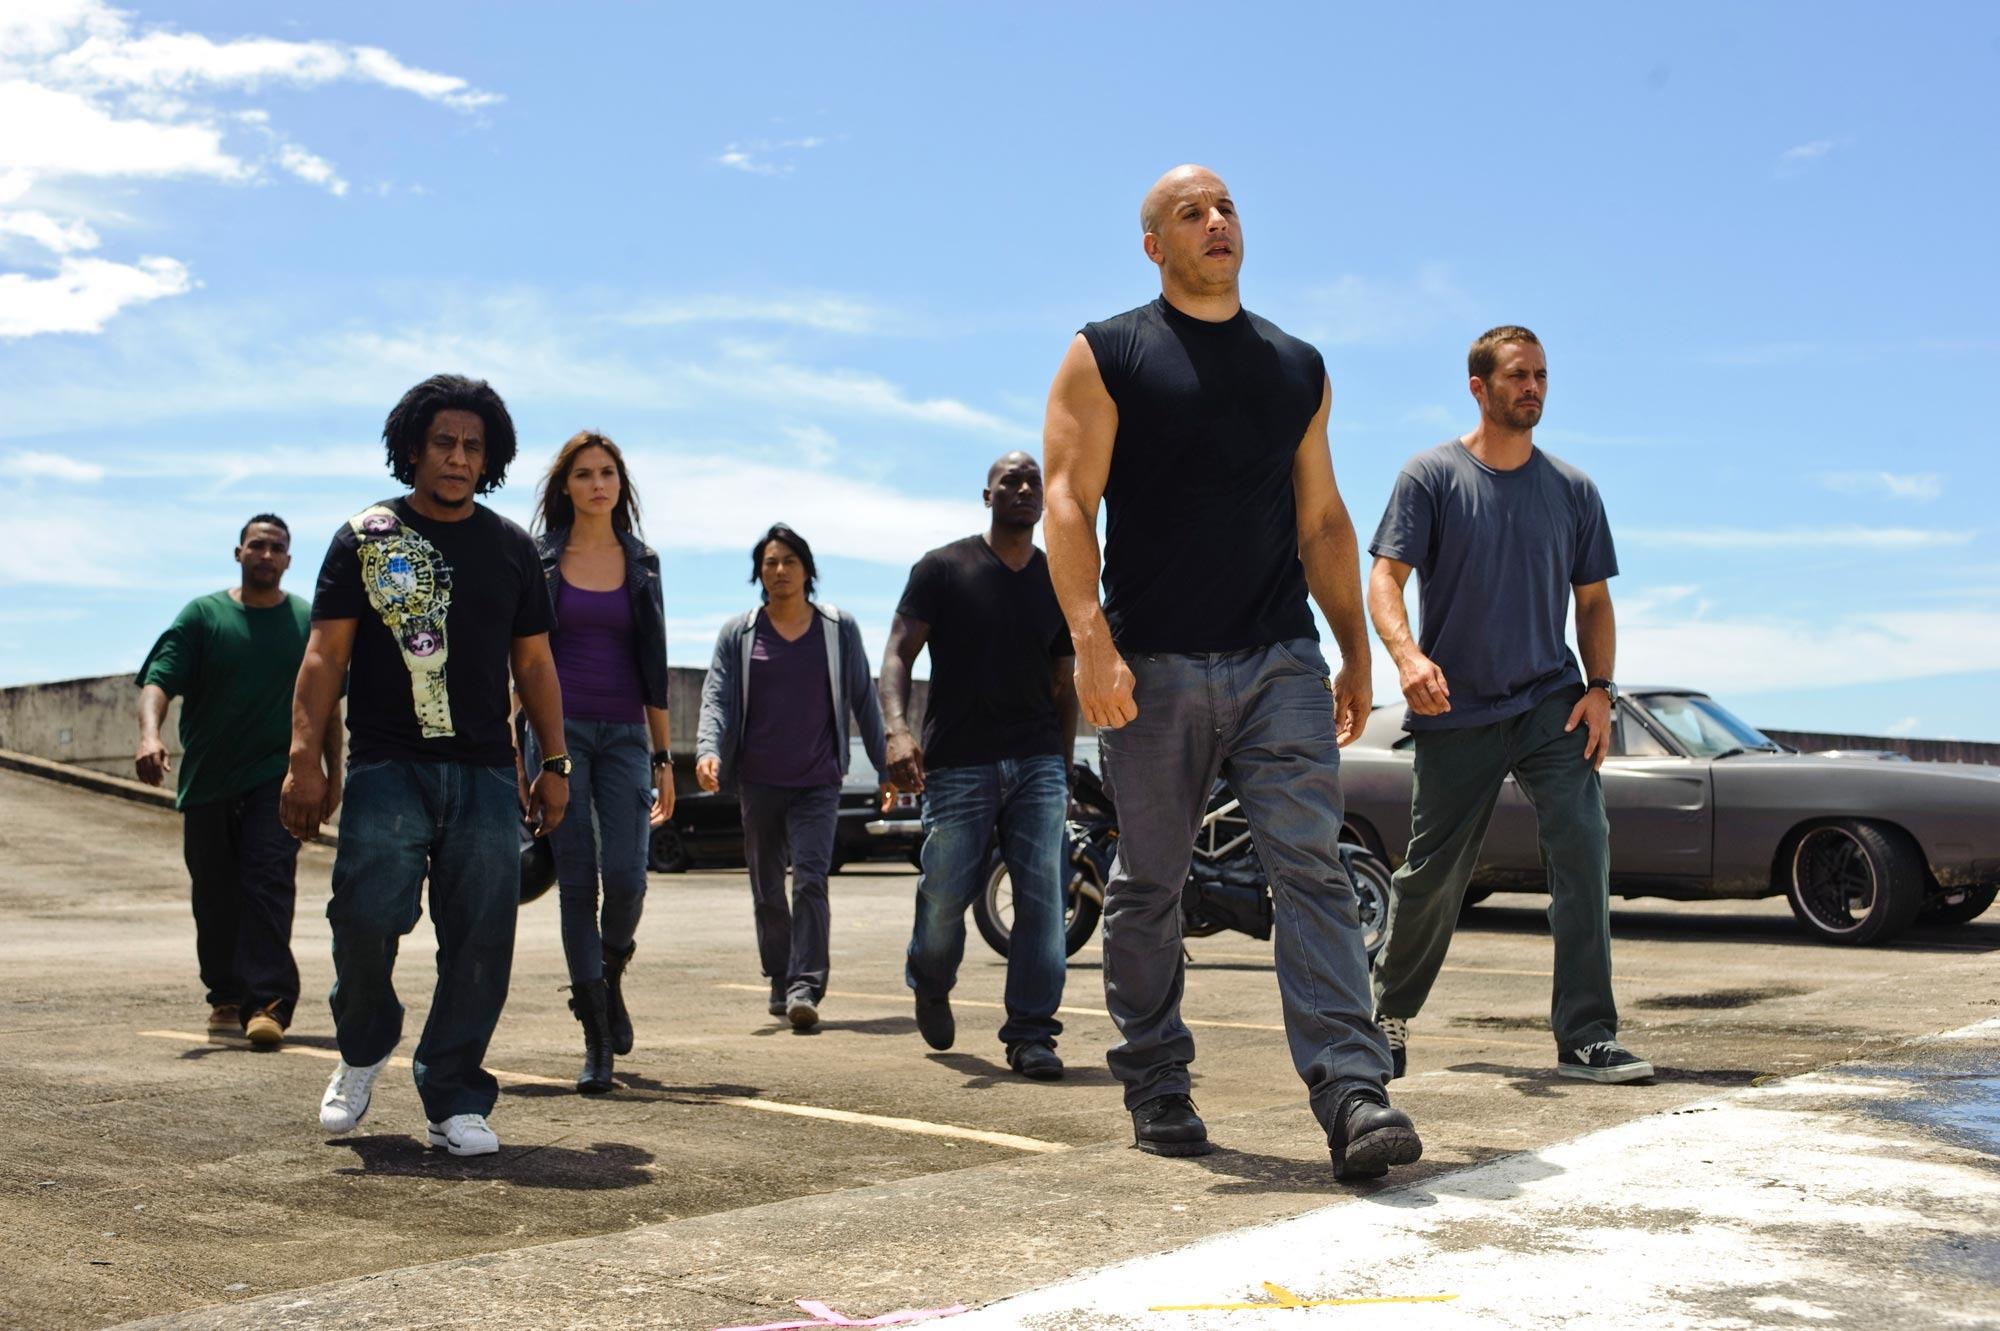 فيلم السهرة.. عالم العصابات في «Fast & Furious 6»